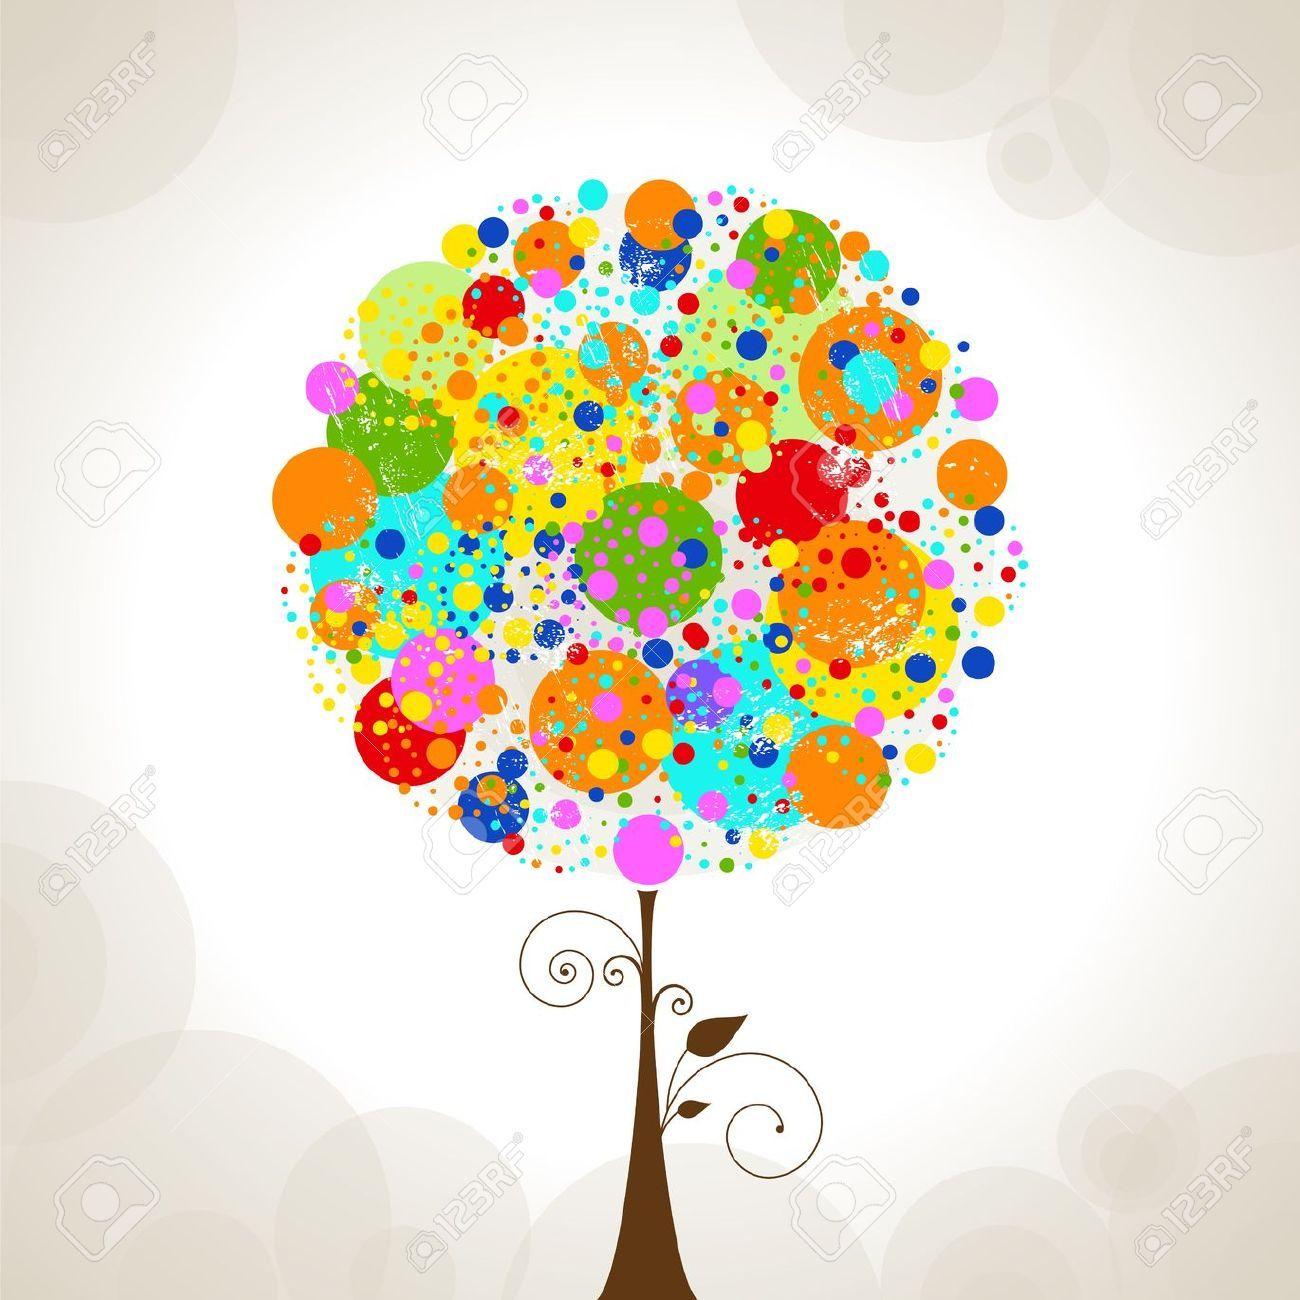 arbol de la vida dibujo a color - Buscar con Google | Tree icon, Abstract  tree, Tree doodle